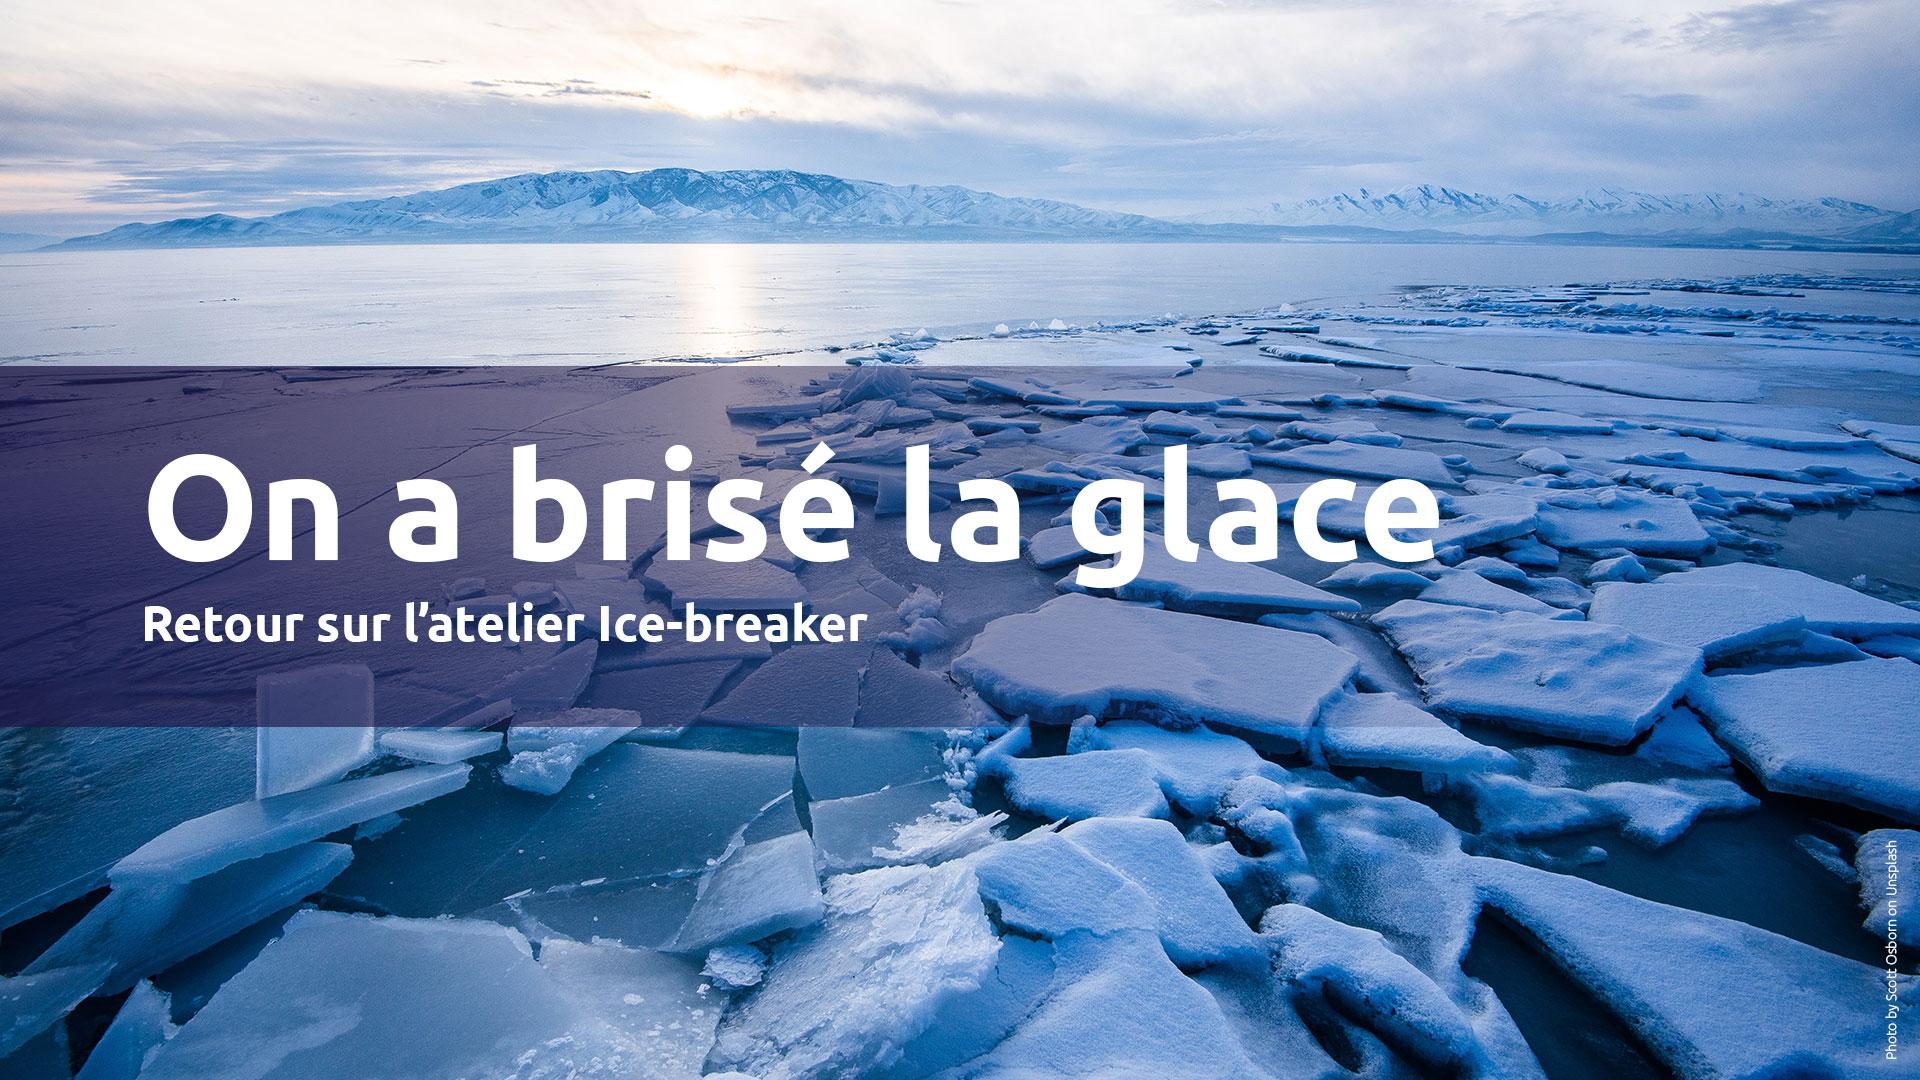 retour-sur-atelier-Icebreaker-MGDIS